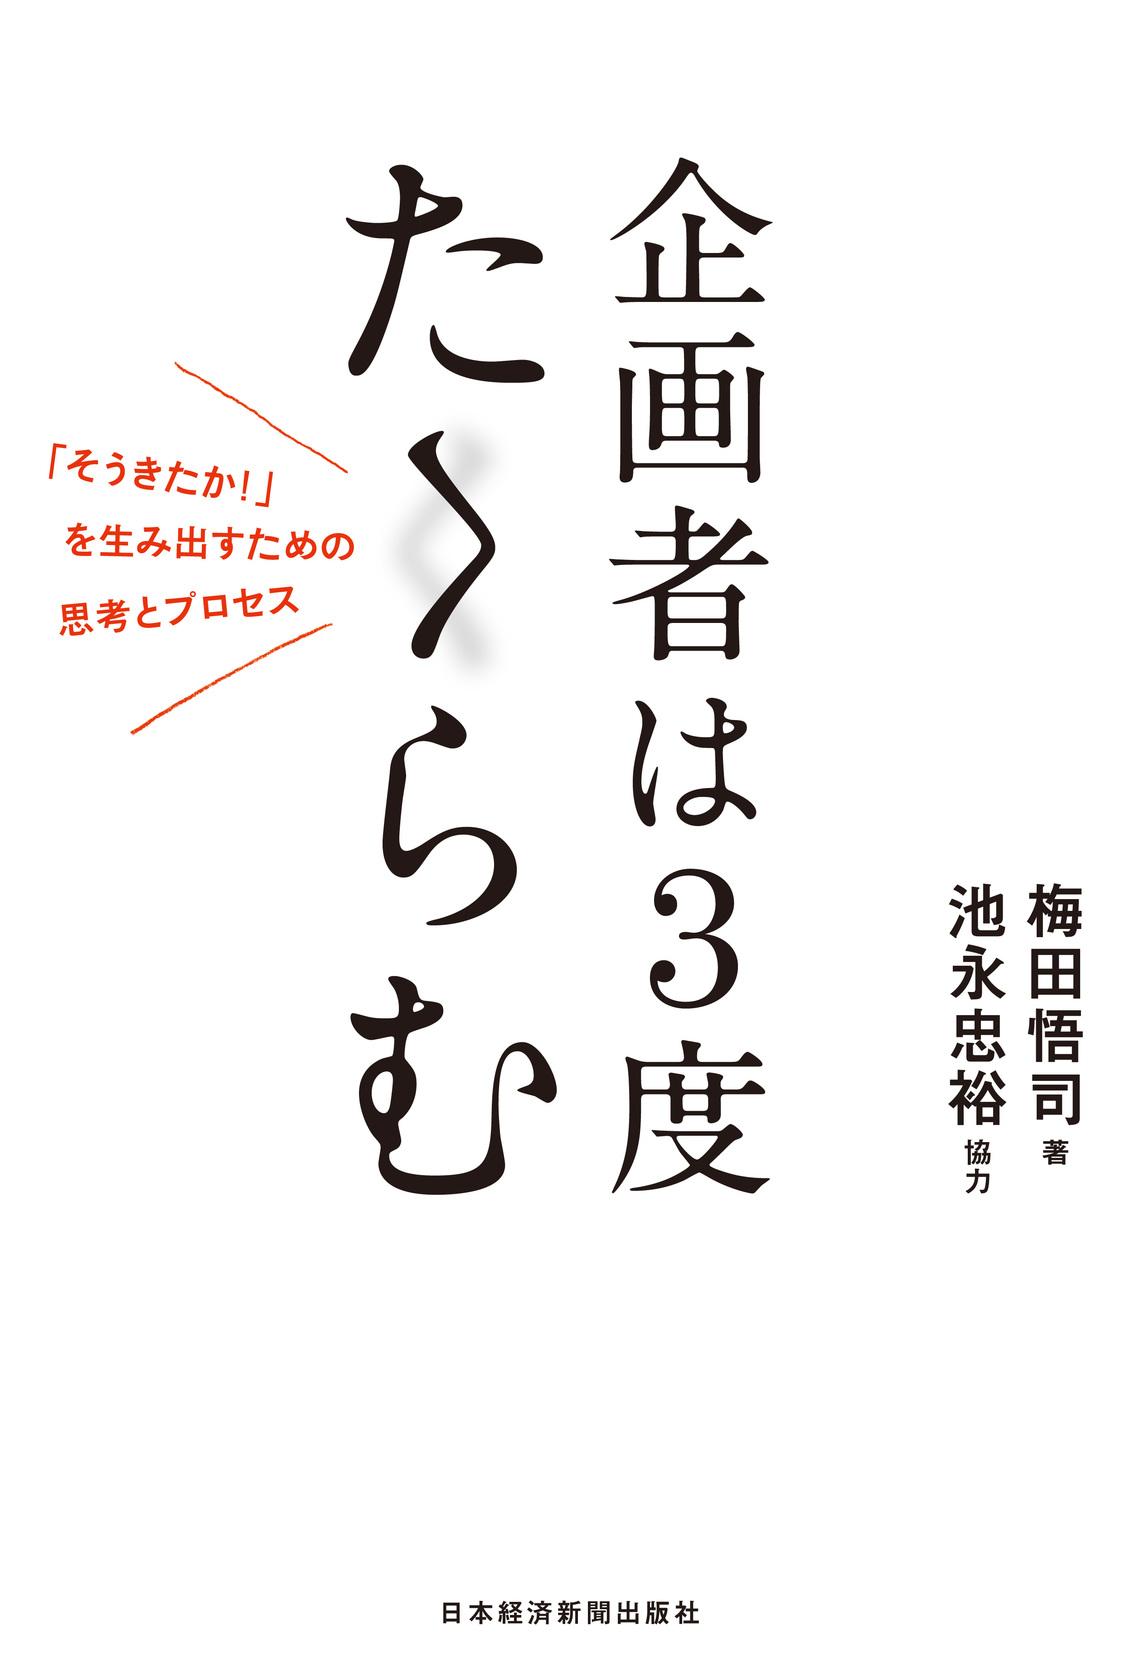 『企画者は3度たくらむ』梅田悟司・著/池永忠裕・協力/日本経済新聞出版社